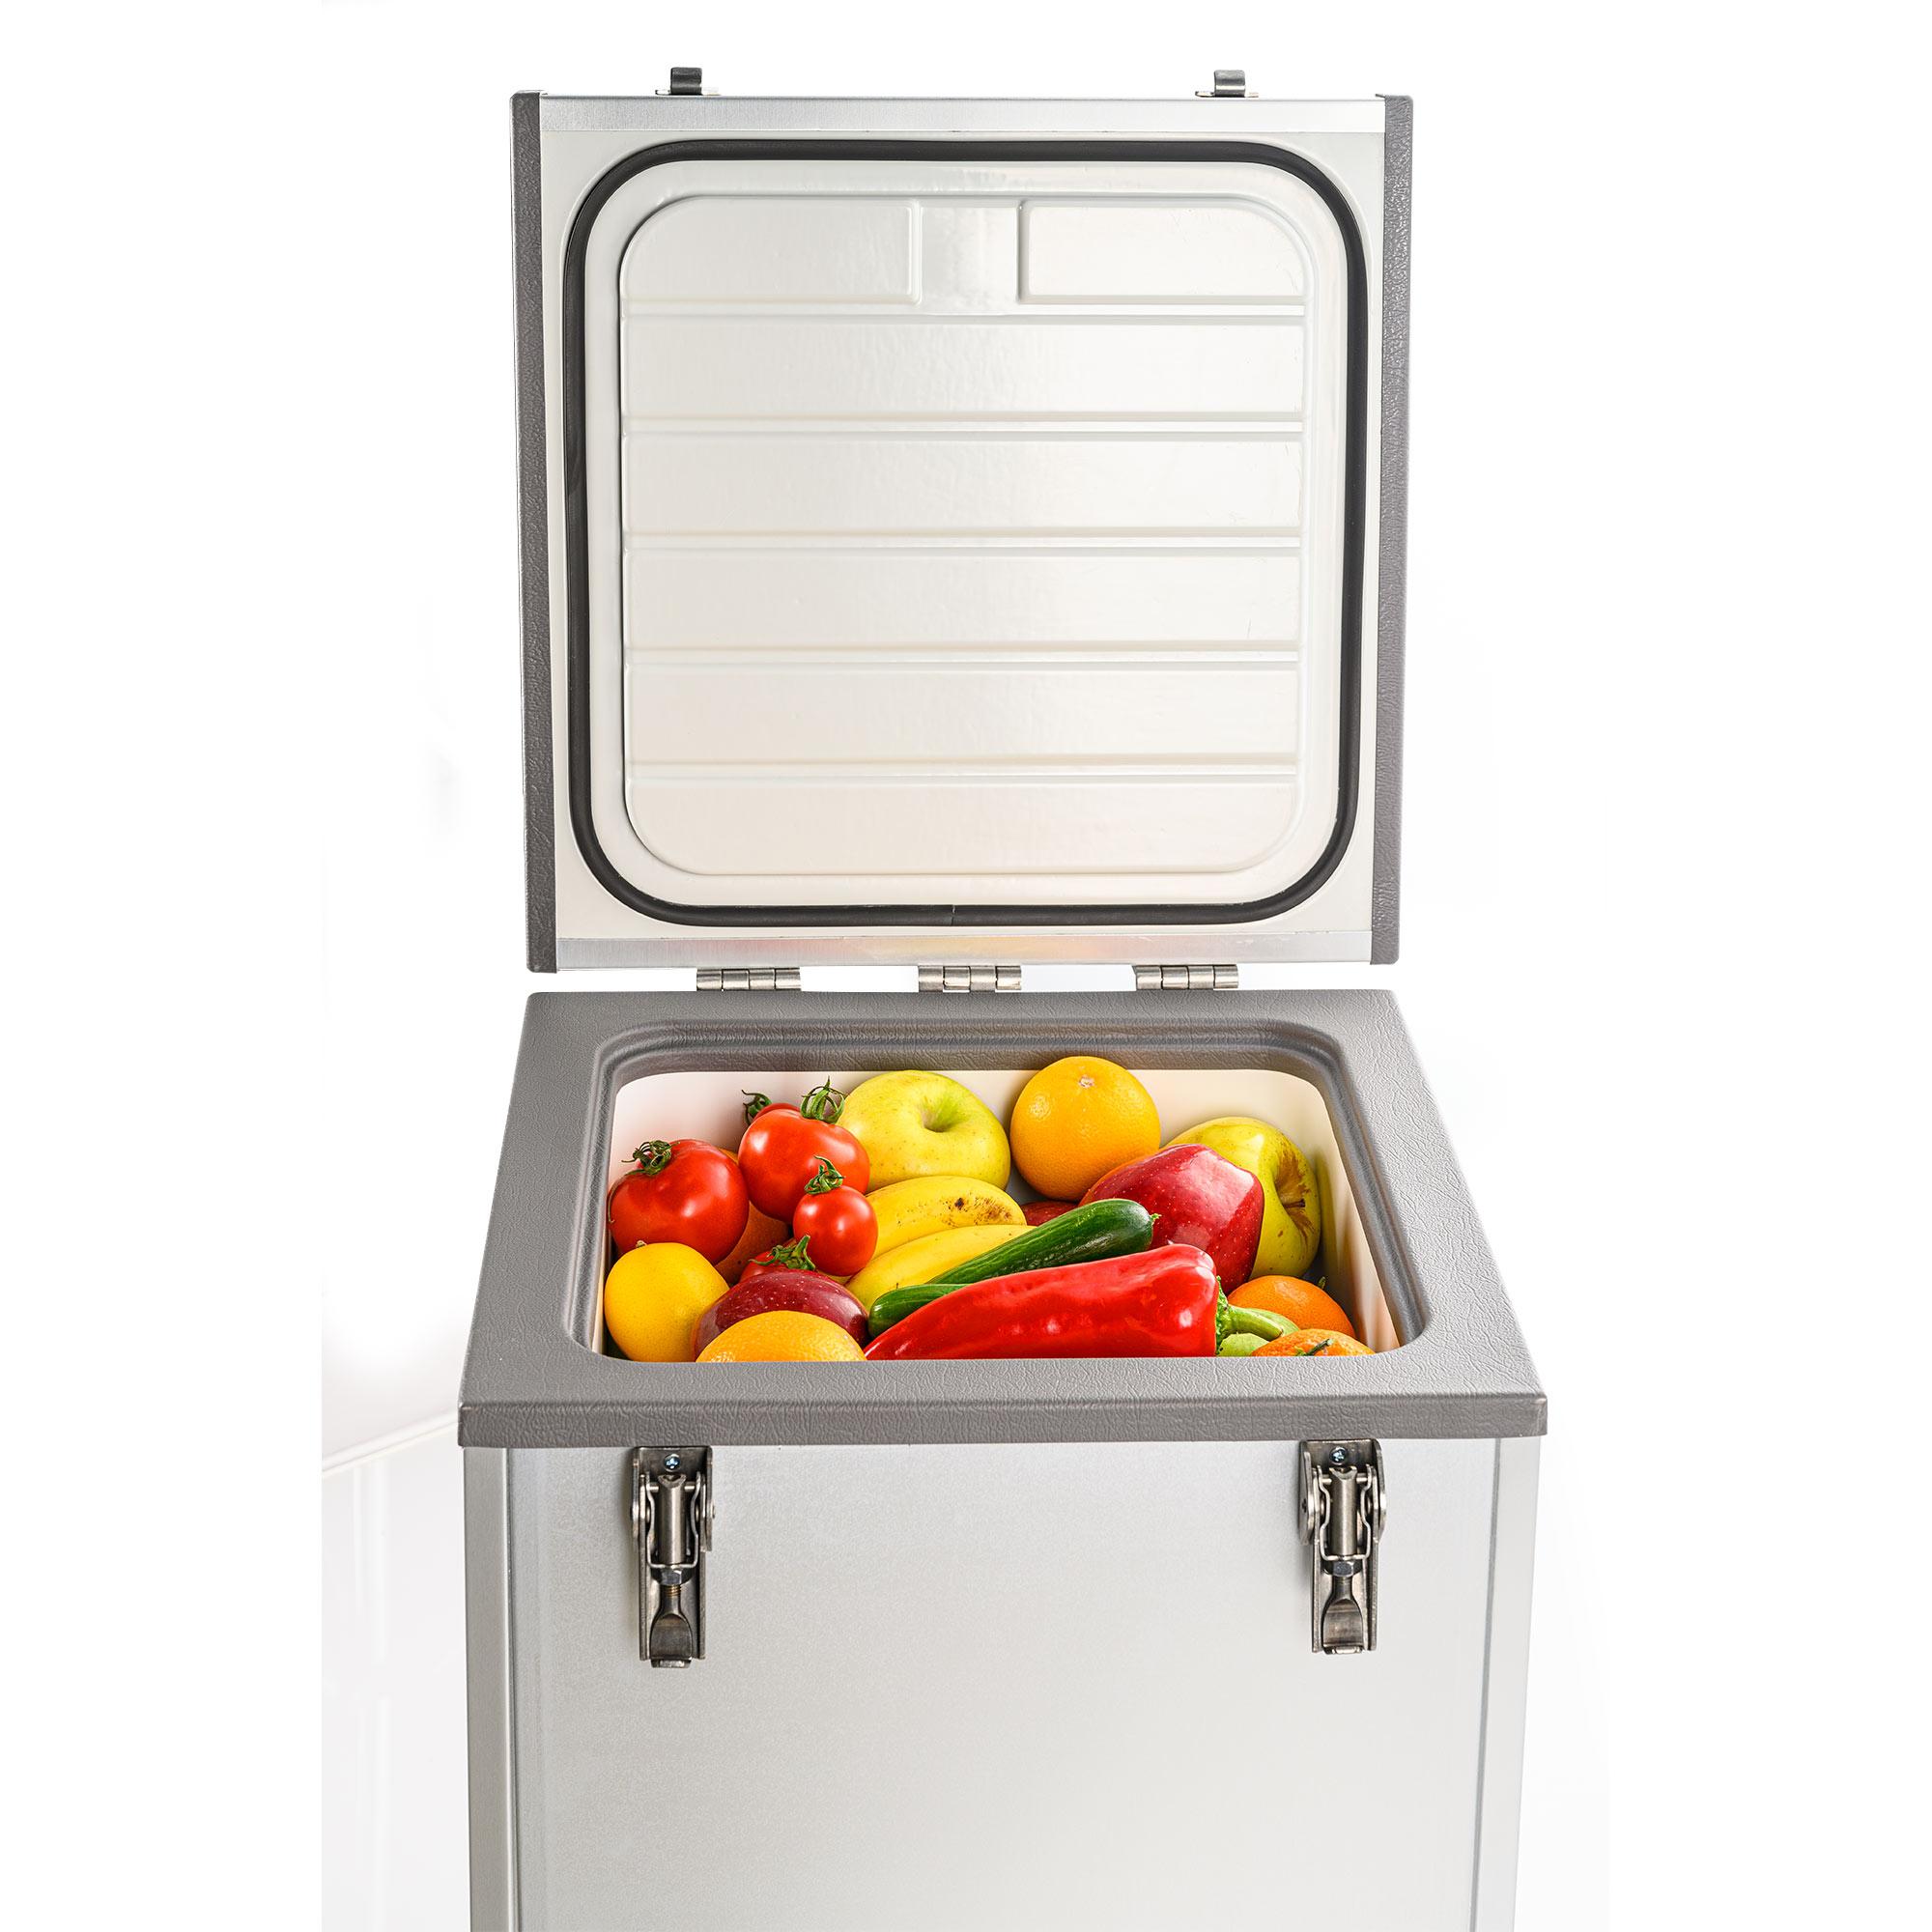 MET 4262 / 36 LT Soğutucu Araç Buzdolabı